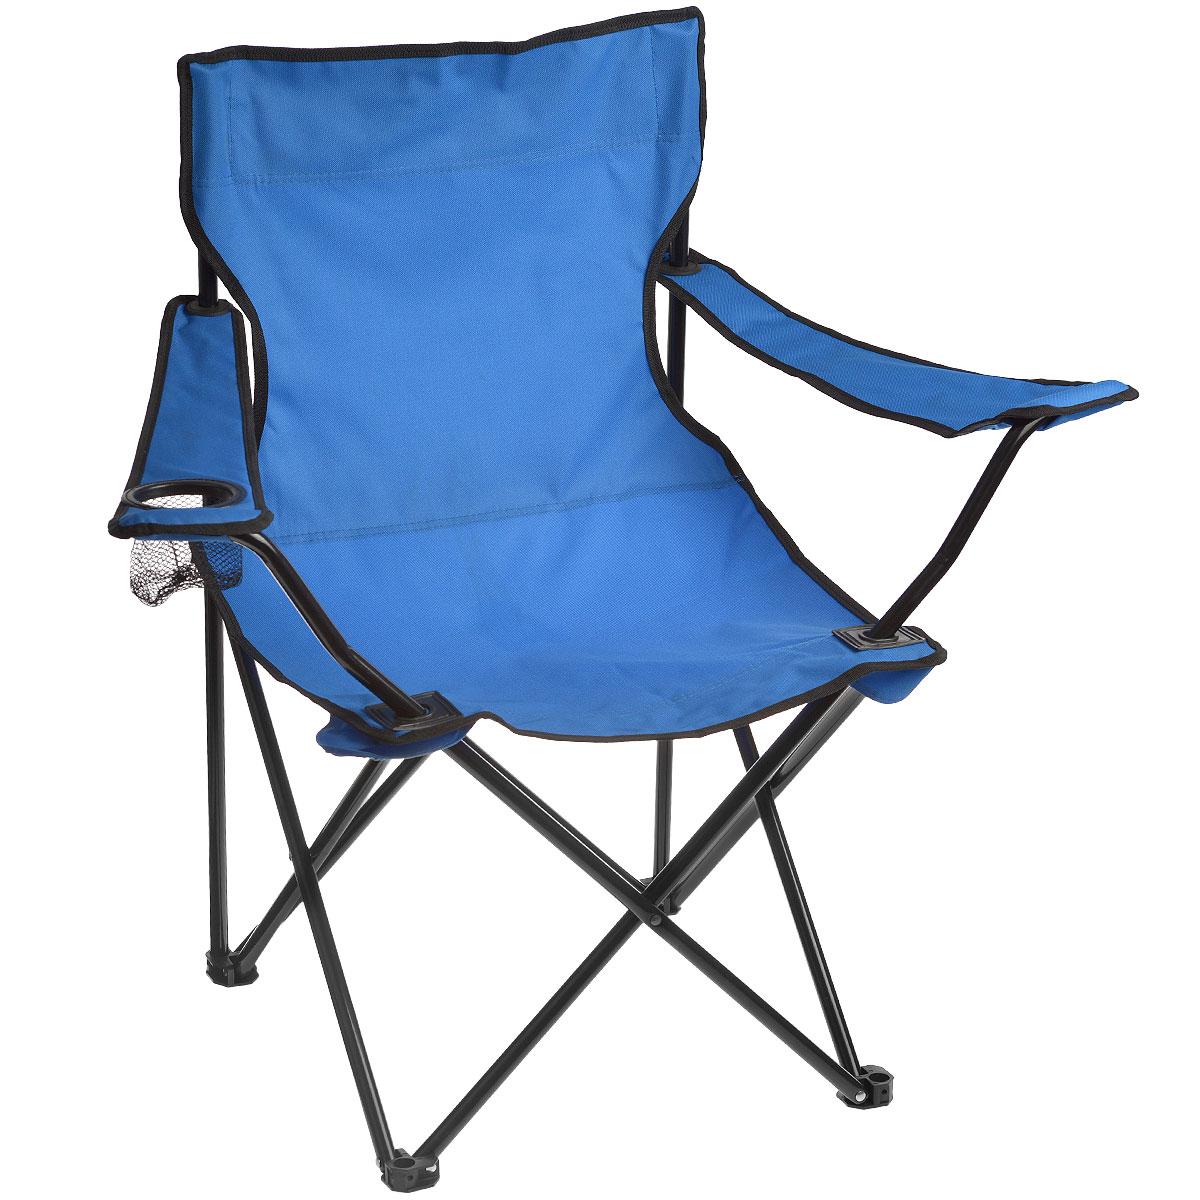 Кресло складное Happy CamperЛК-705Кресло складное Happy Camper - это незаменимый предмет походной мебели, очень удобен в эксплуатации. Каркас кресла изготовлен из стали с порошковым покрытием.Кресло легко собирается и разбирается и не занимает много места, поэтому подходит для транспортировки и хранения дома.